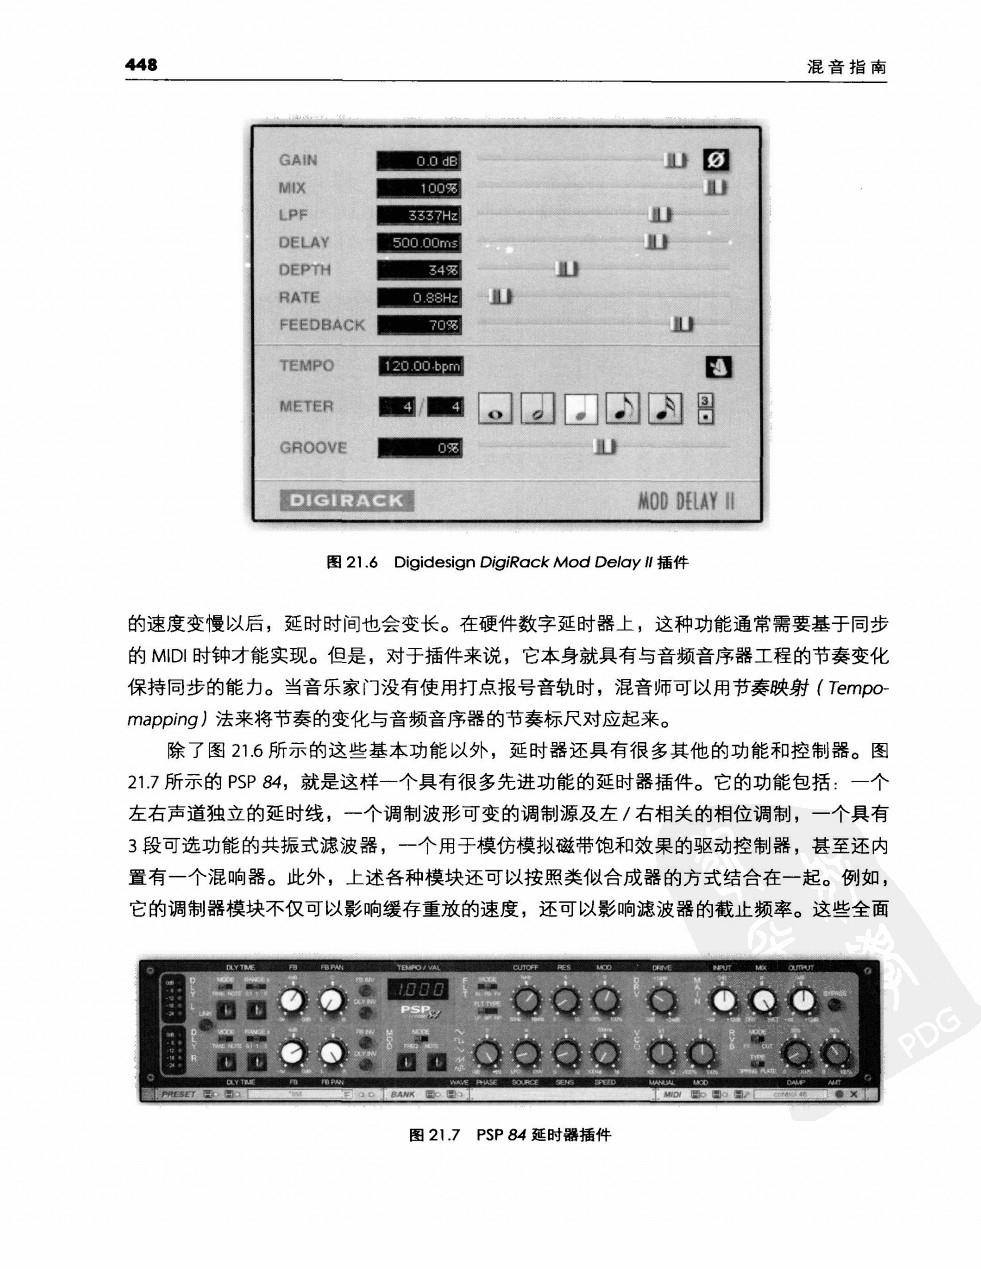 混音指南 470